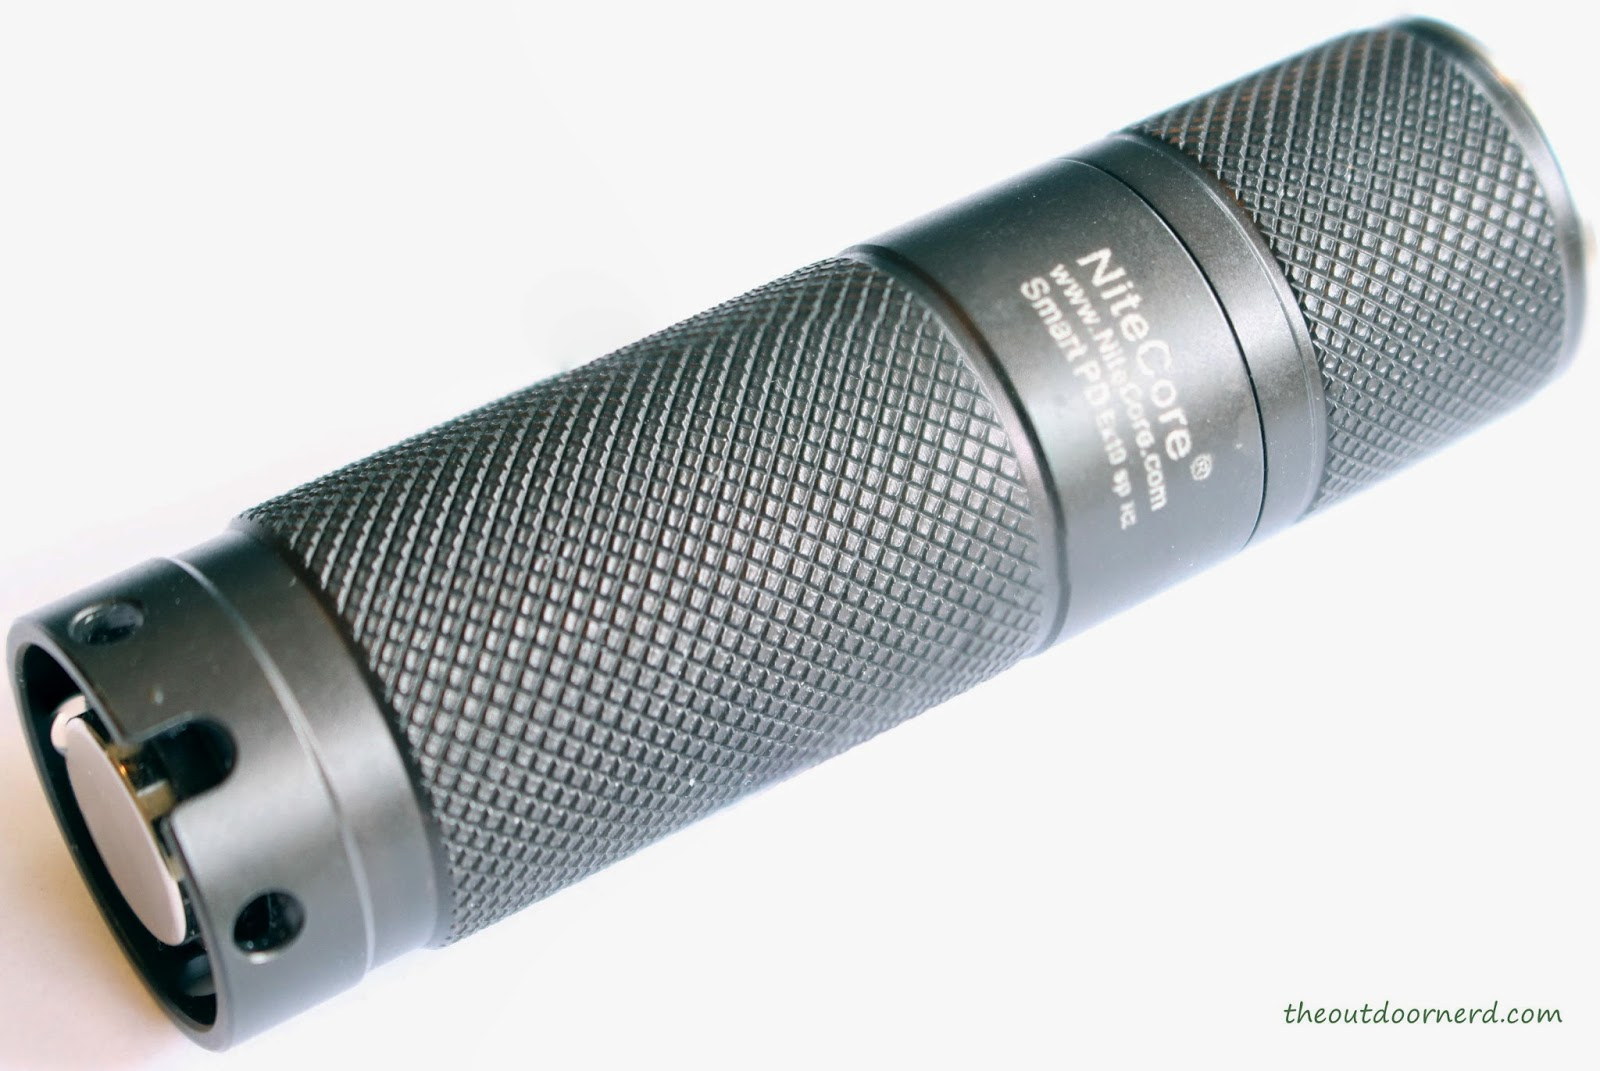 Nitecore Ex10 1xCR123A Flashlight : Side View